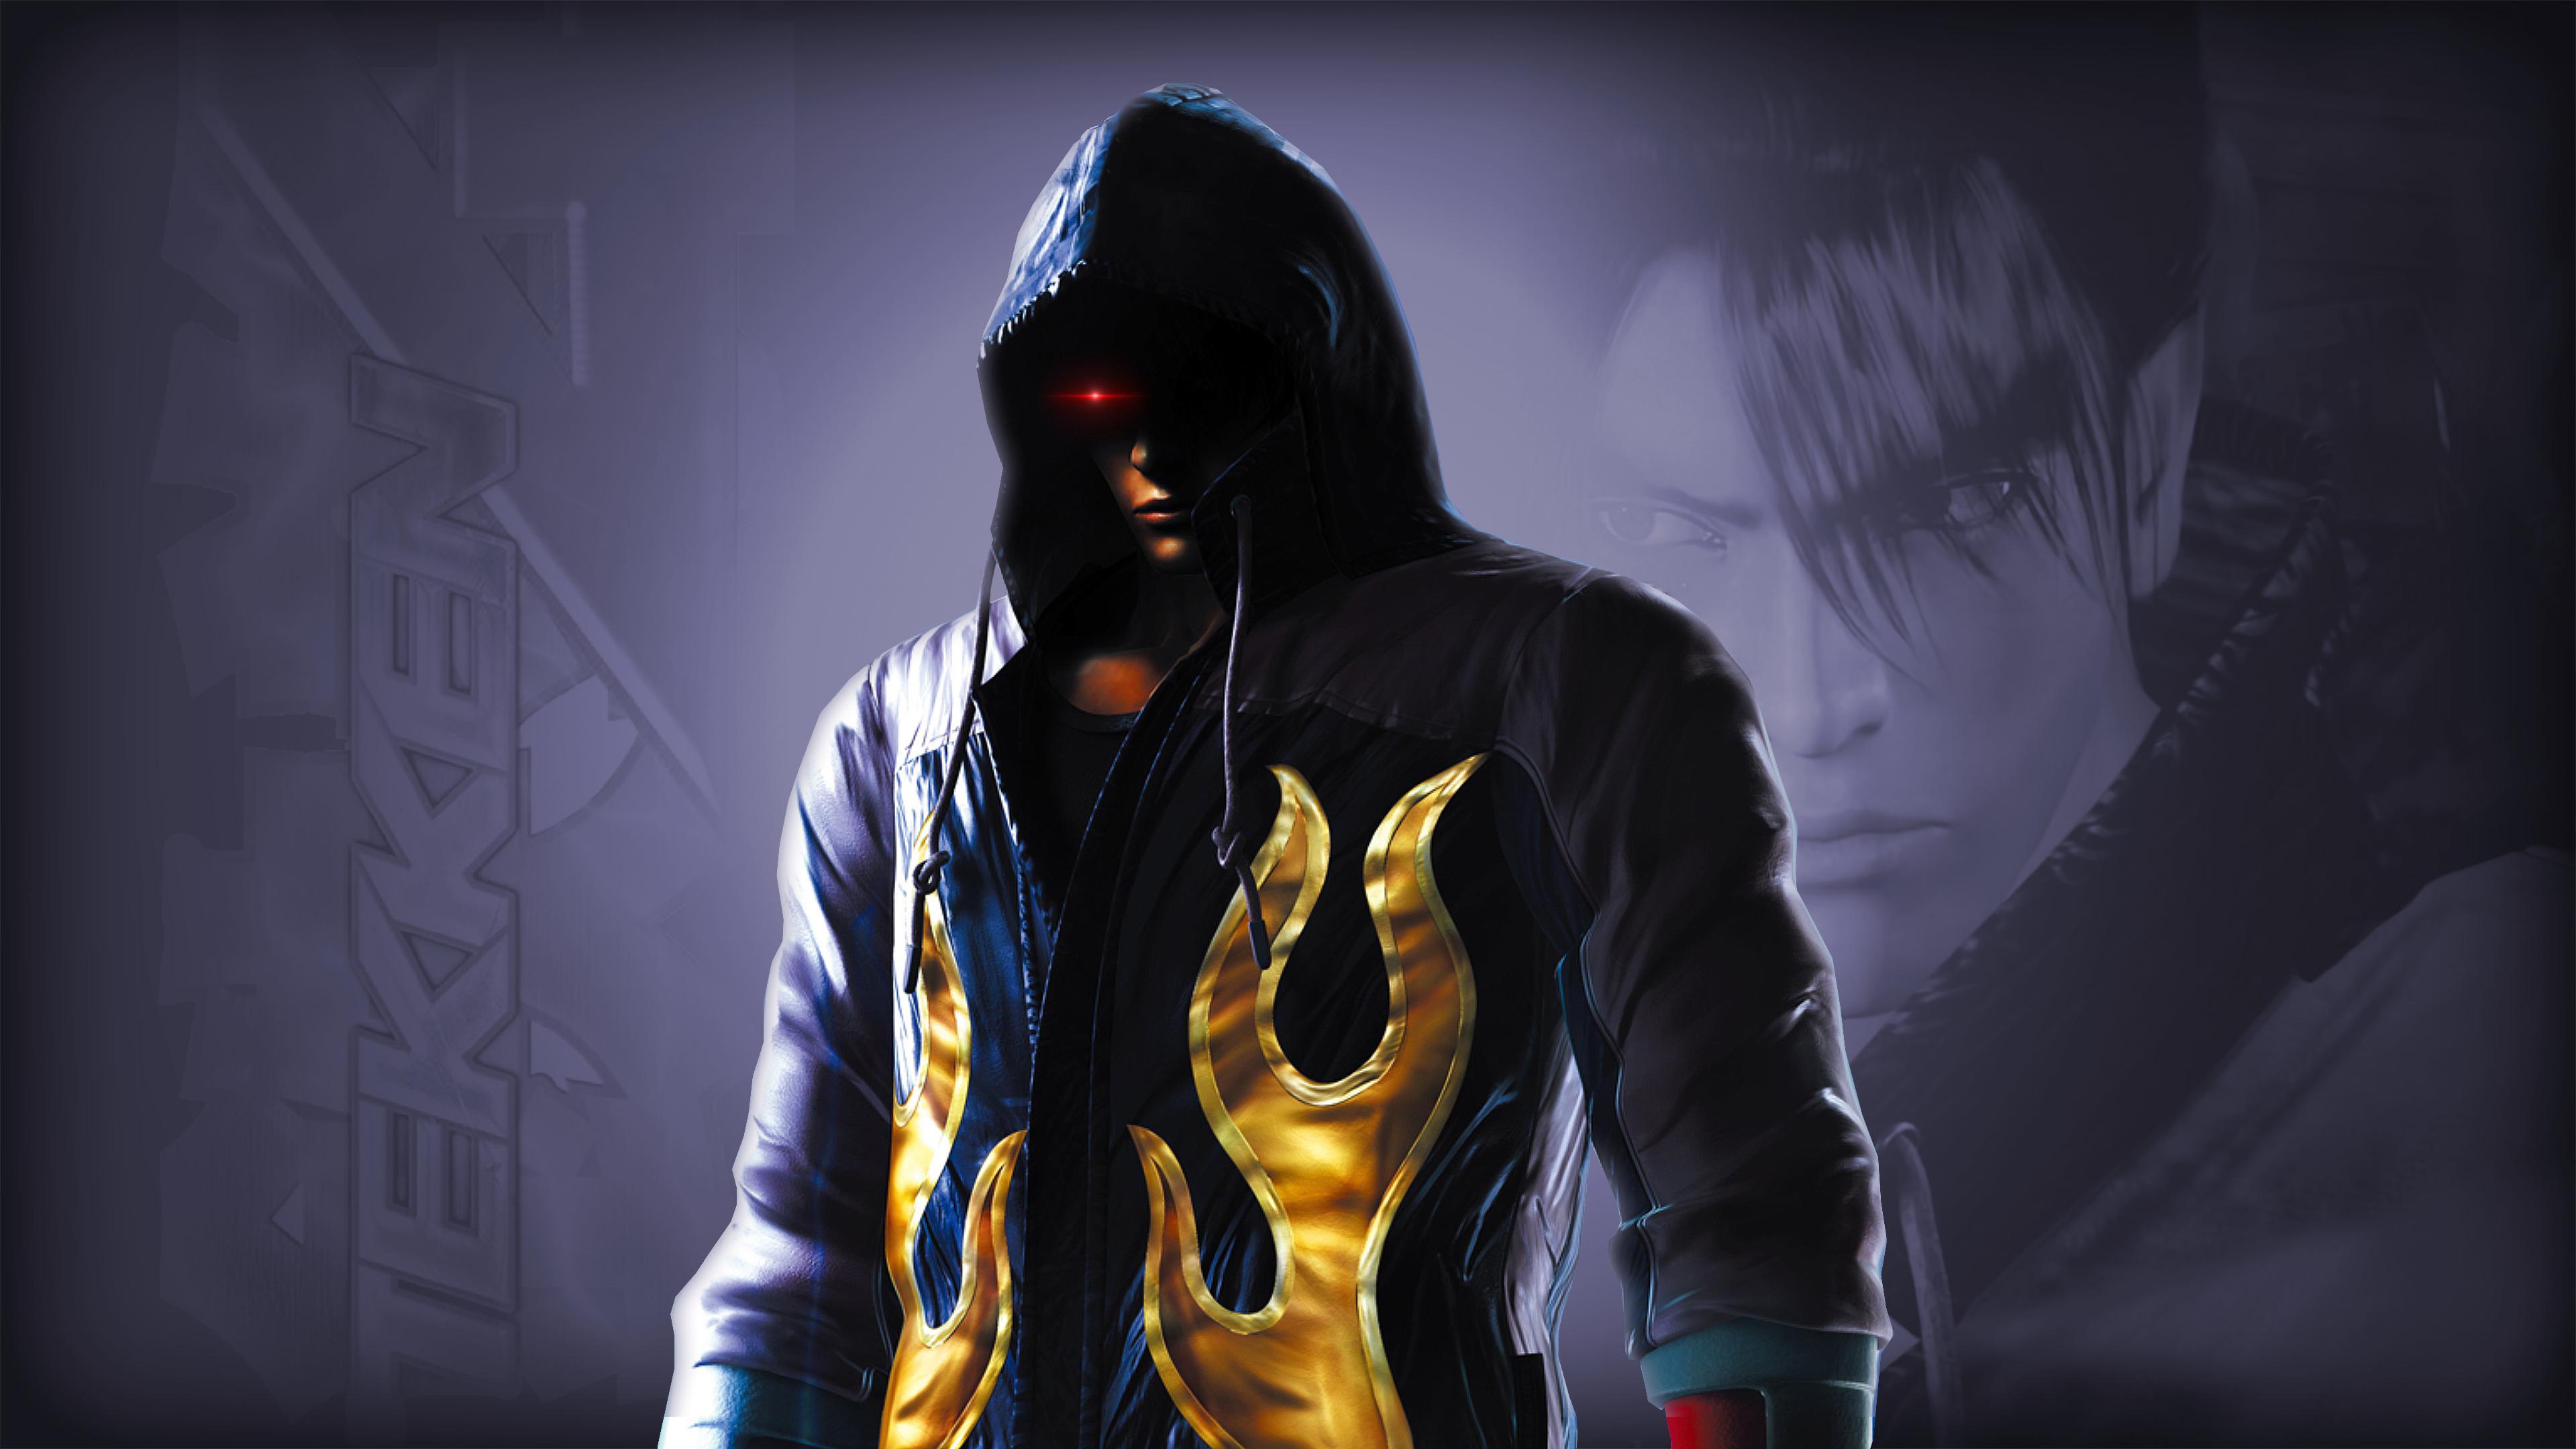 Tekken 4 Jin Splash By Thei3arracuda By Thei3arracuda On Deviantart